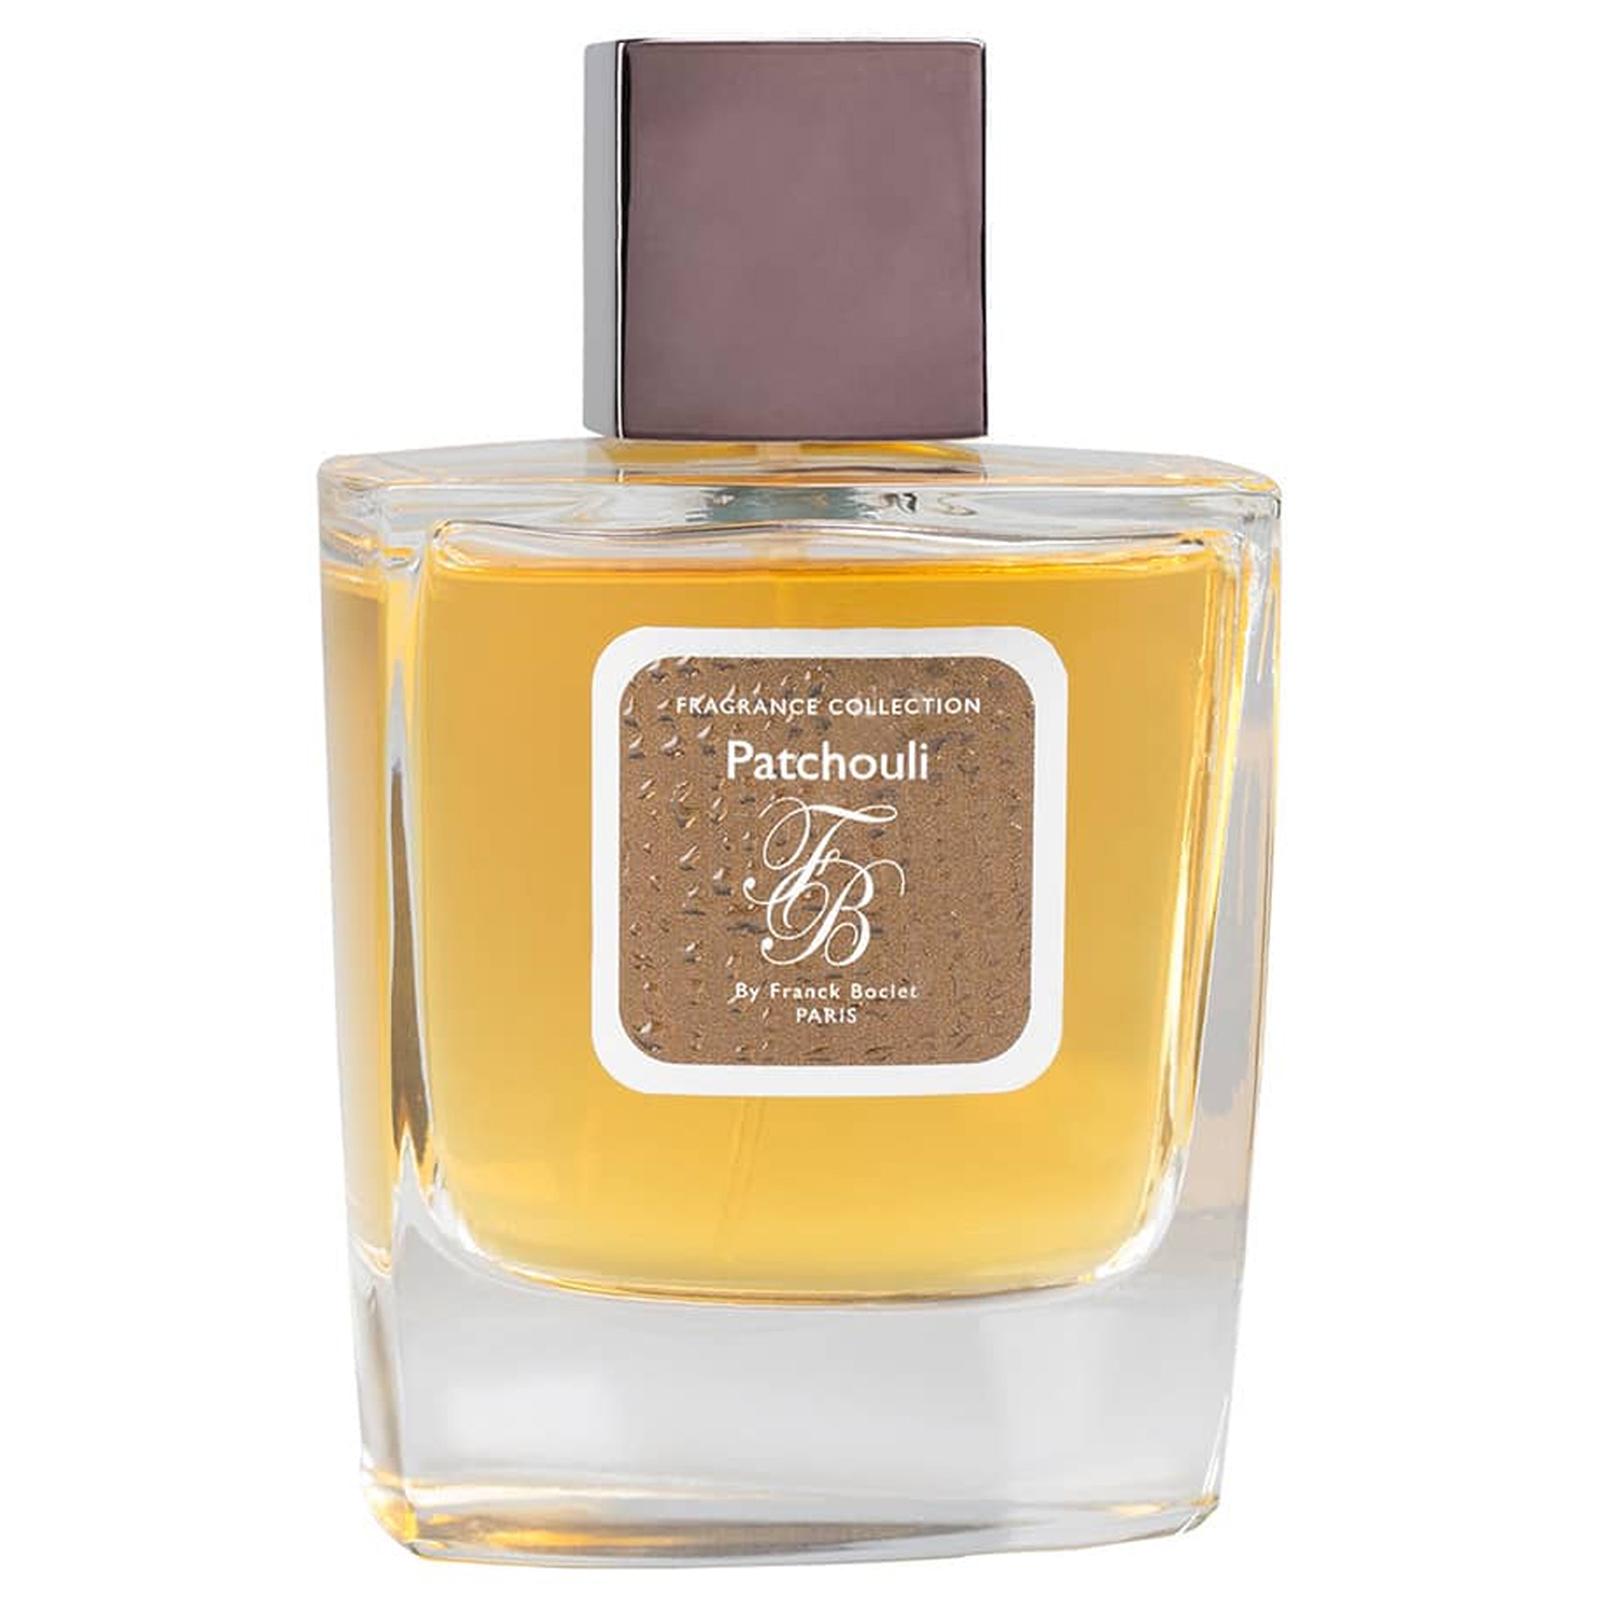 FRANCK BOCLET Patchouli Perfume Eau De Parfum 100 Ml in White